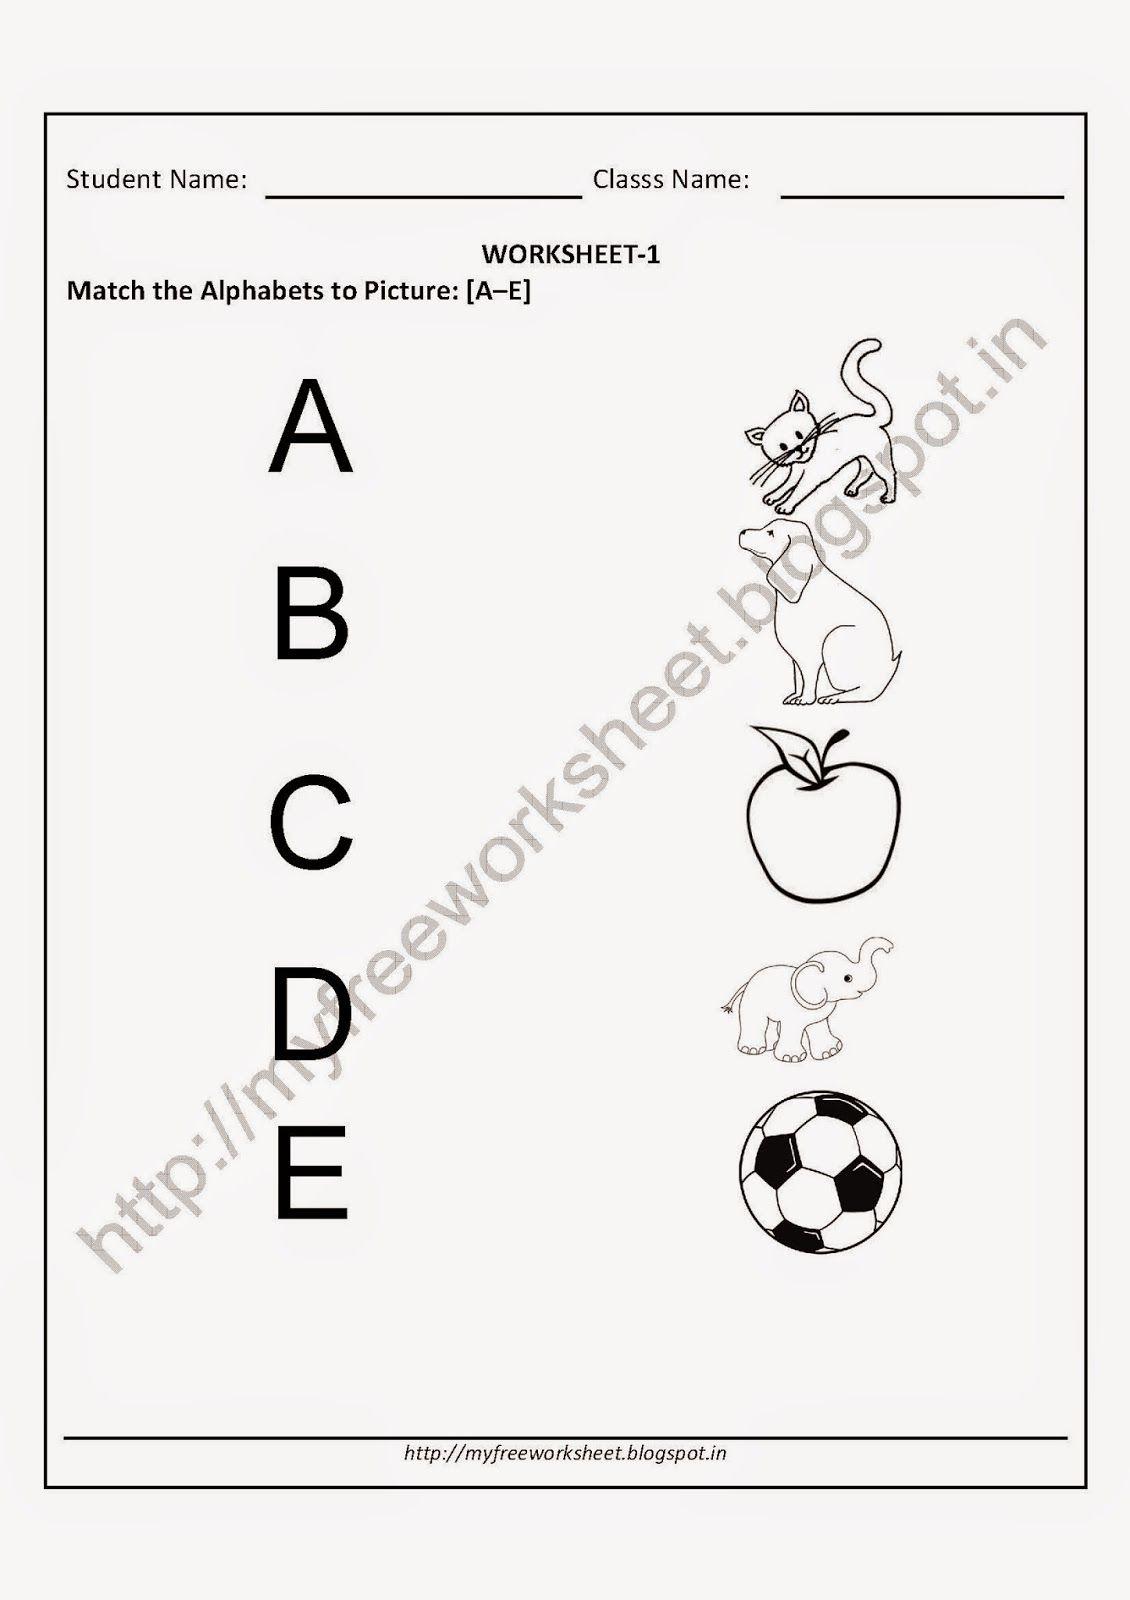 Worksheet Free English Worksheets For Kindergarten Printable throughout Letter T Worksheets For Kindergarten Pdf